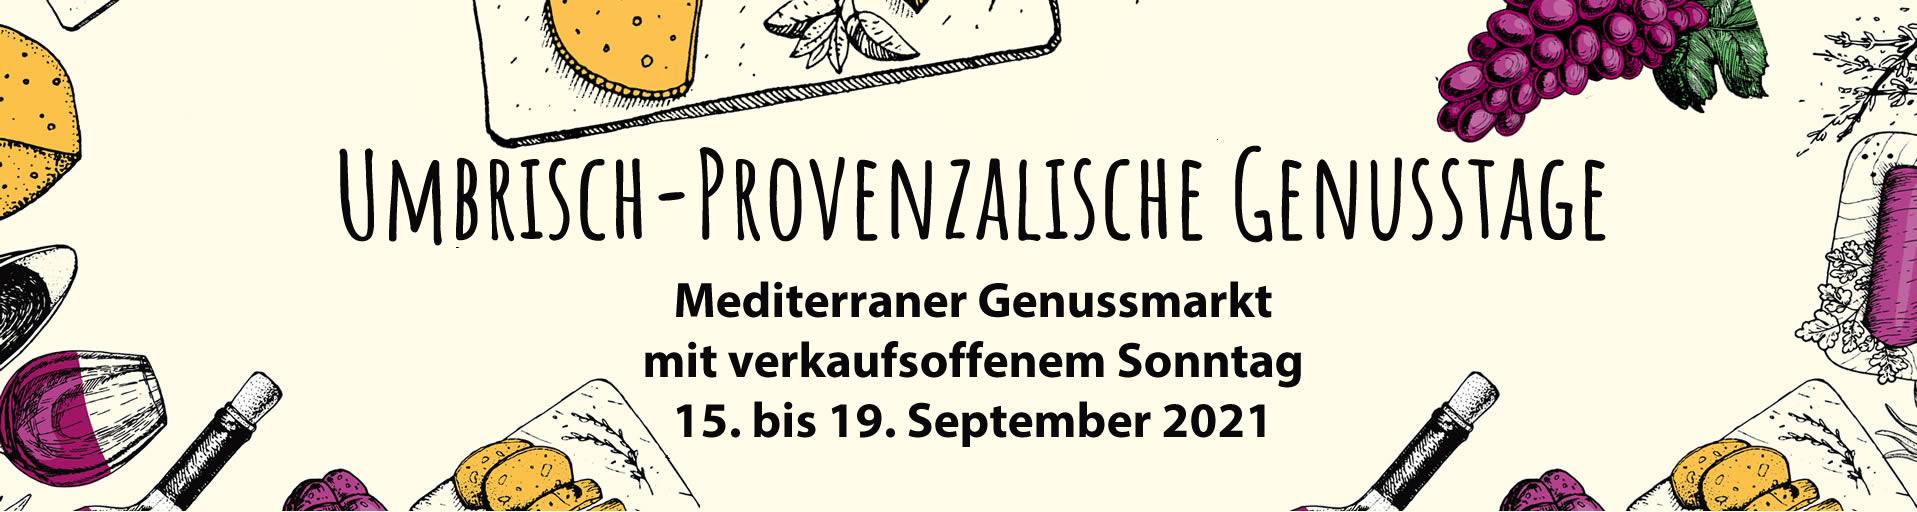 UP-Genusstage - Verkaufsoffener Sonntag Tübingen